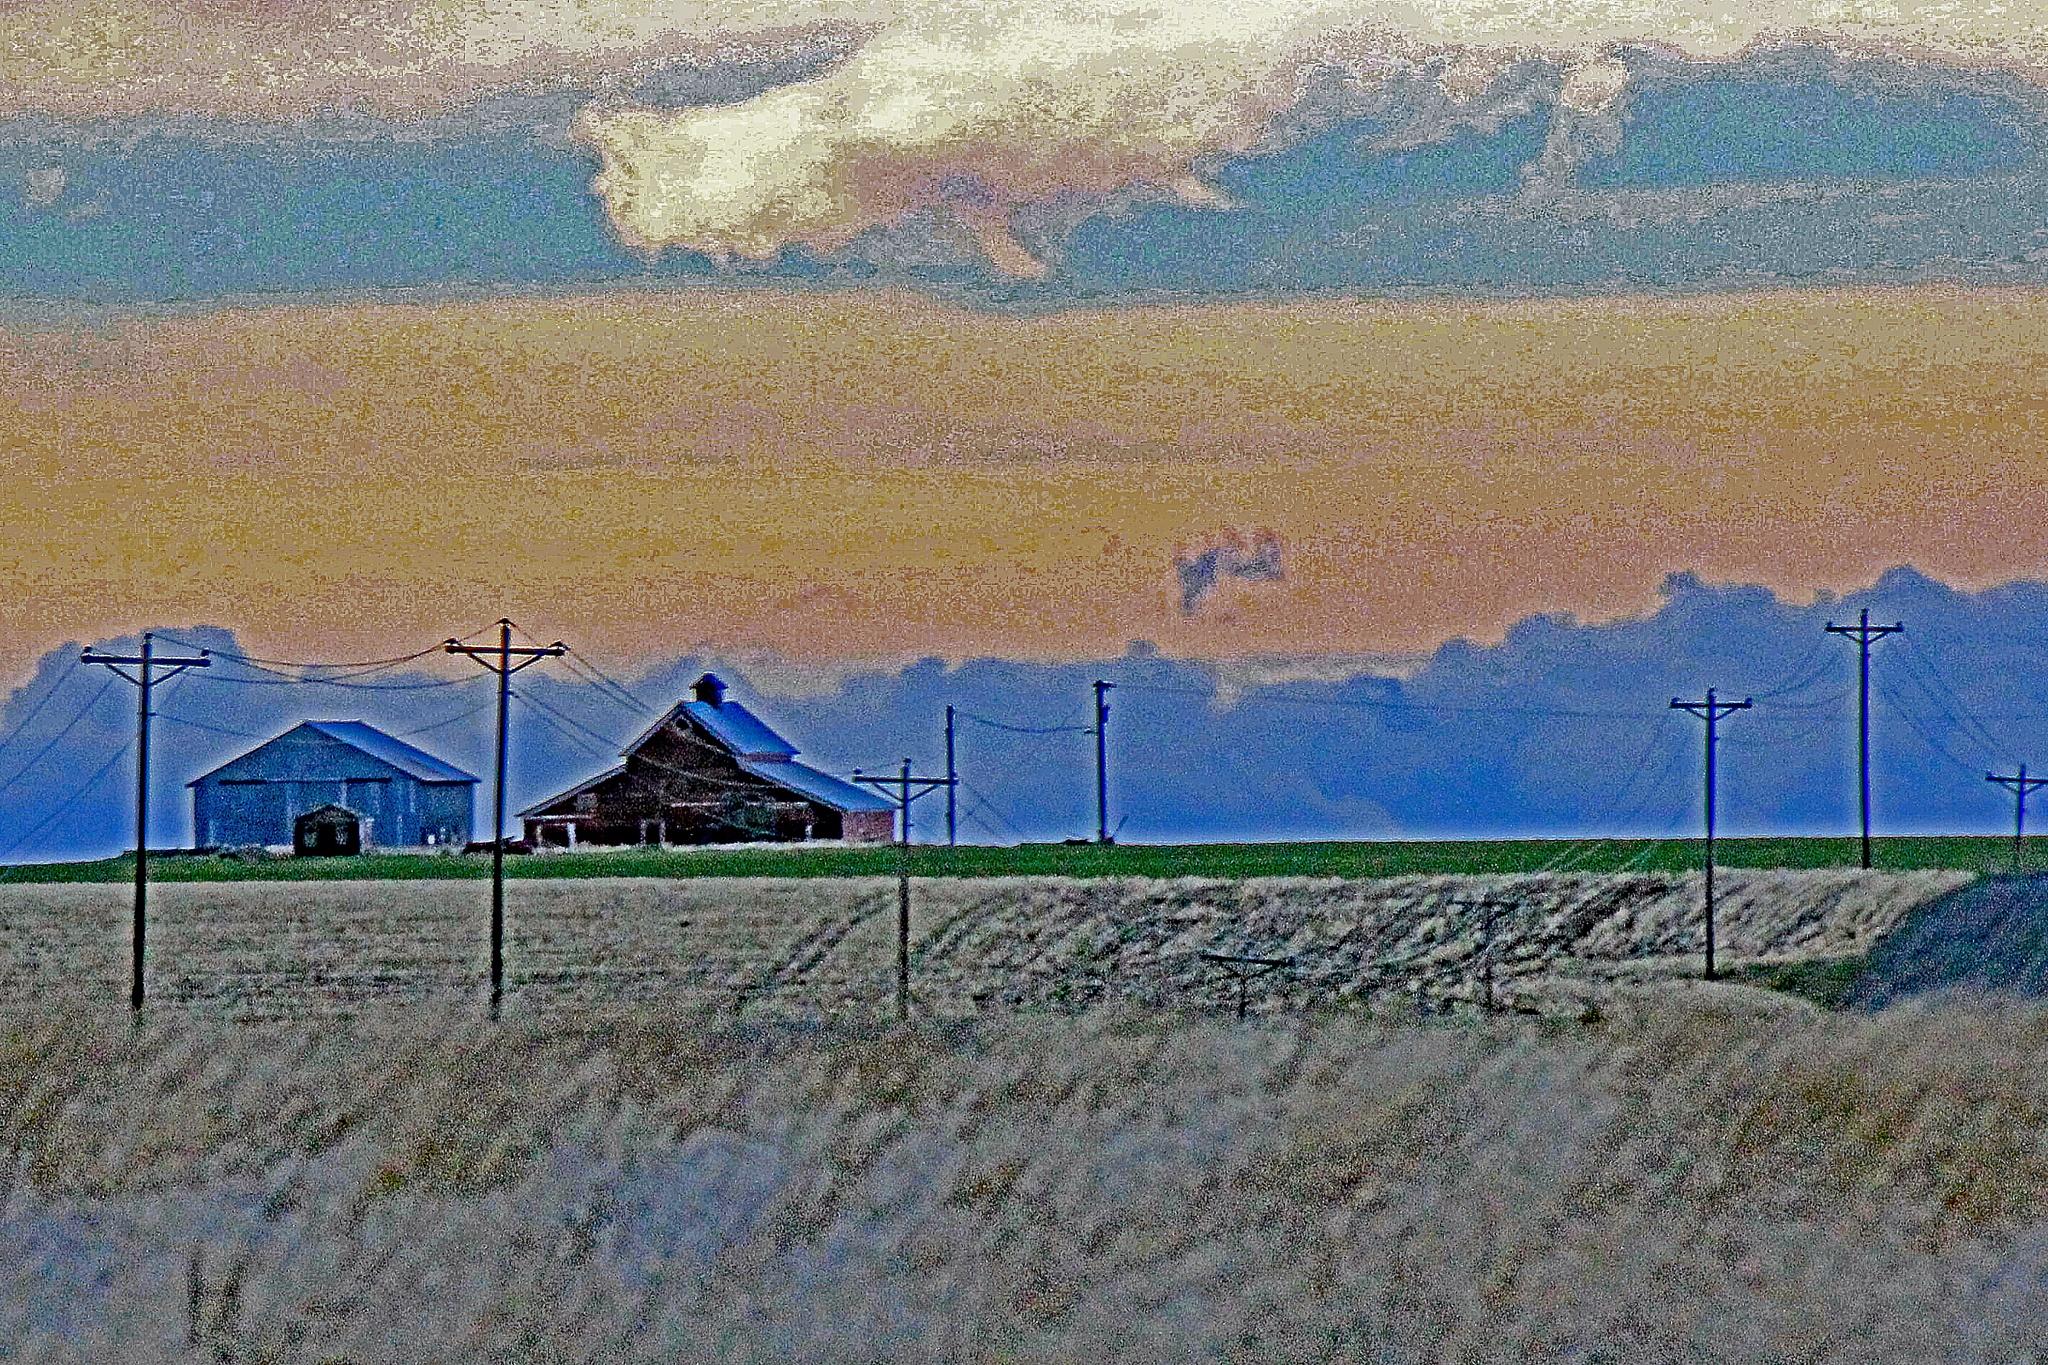 Rural Life by Matt Goll